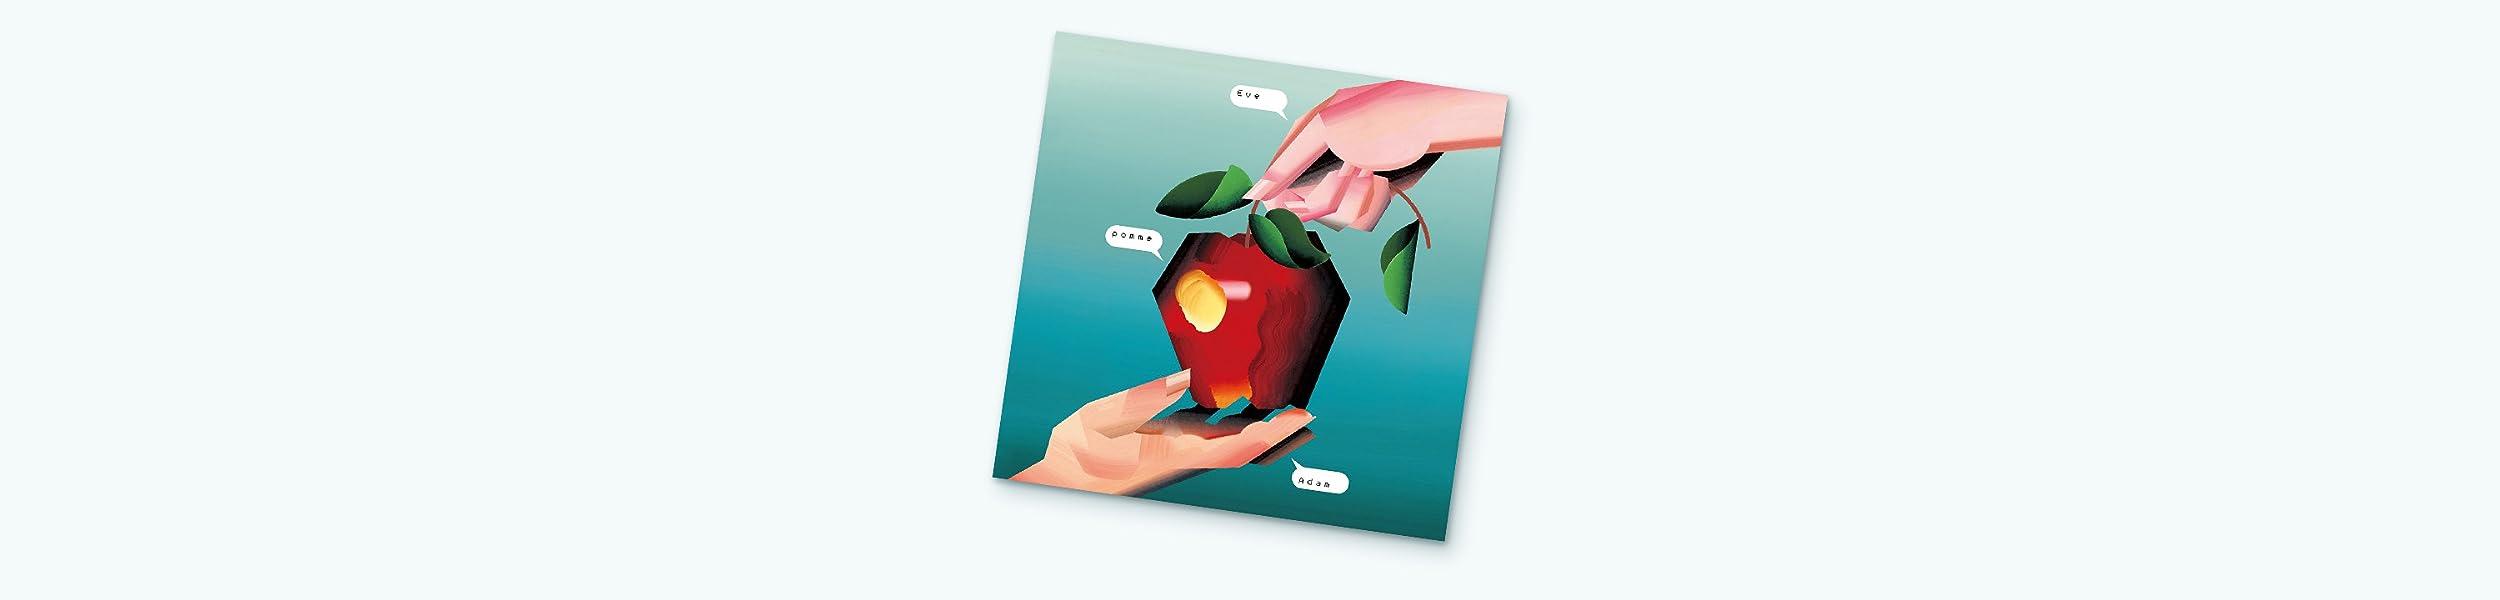 椎名林檎トリビュートアルバム 『アダムとイヴの林檎』